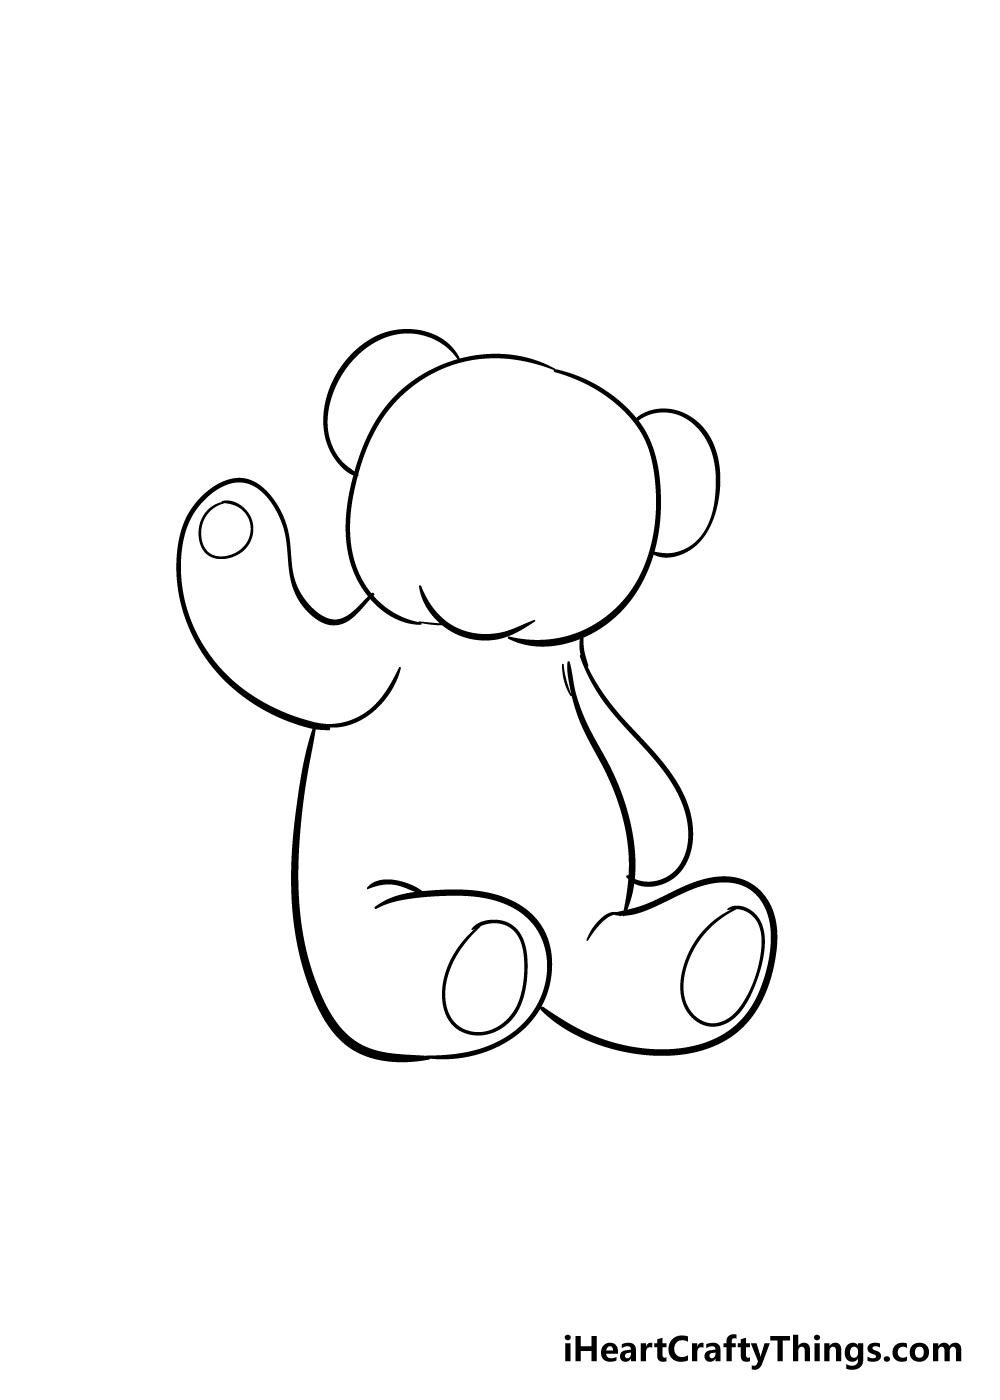 teddy bear drawing step 6